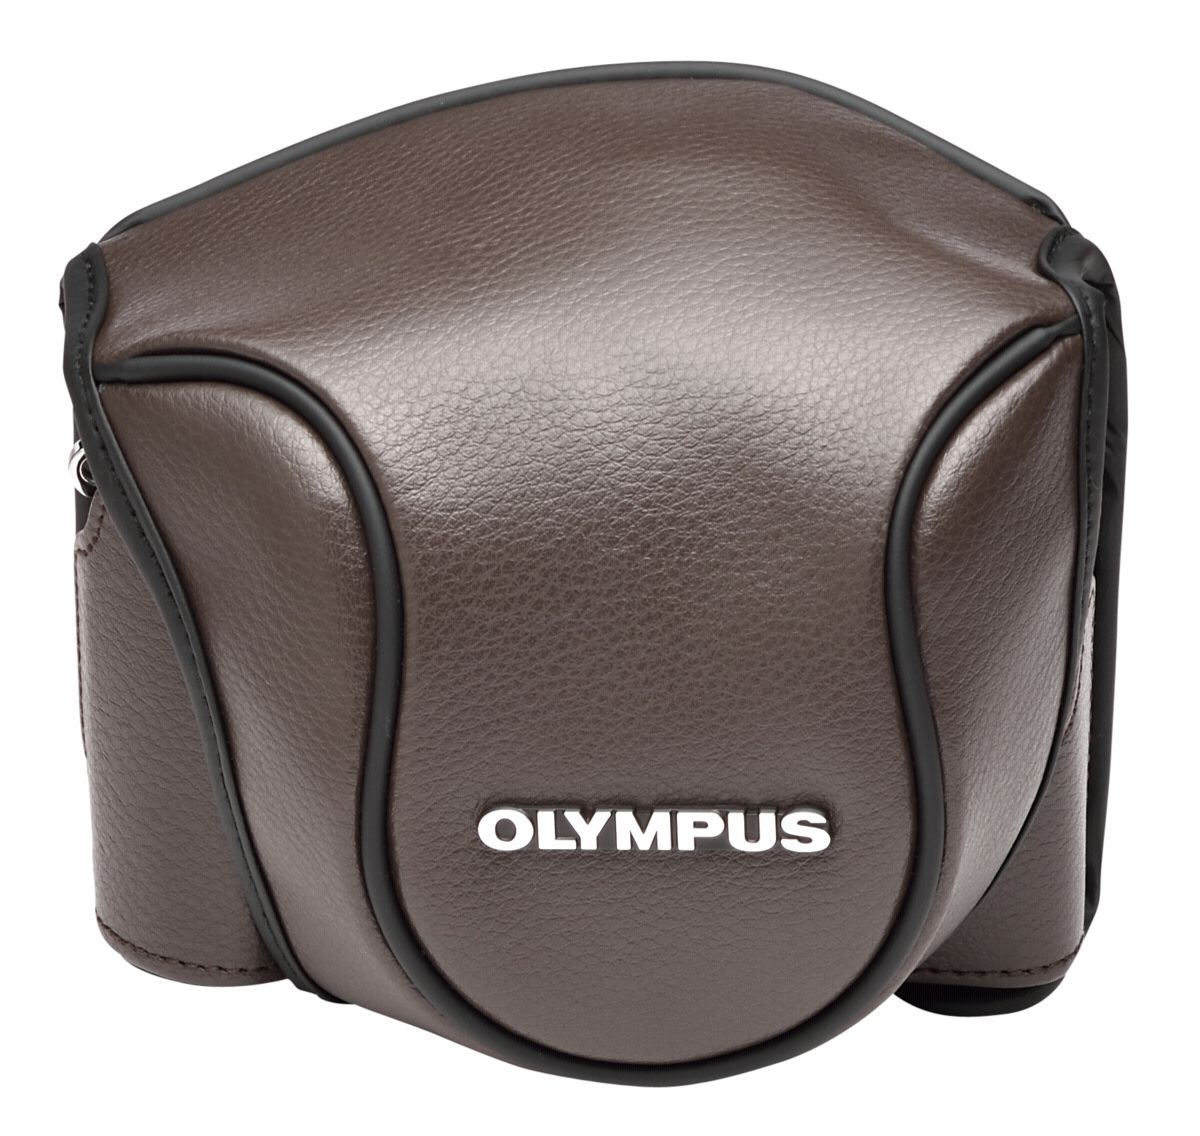 04a753b997560 Olympus Fototasche »CSCH-118 Ledertasche für Stylus 1«